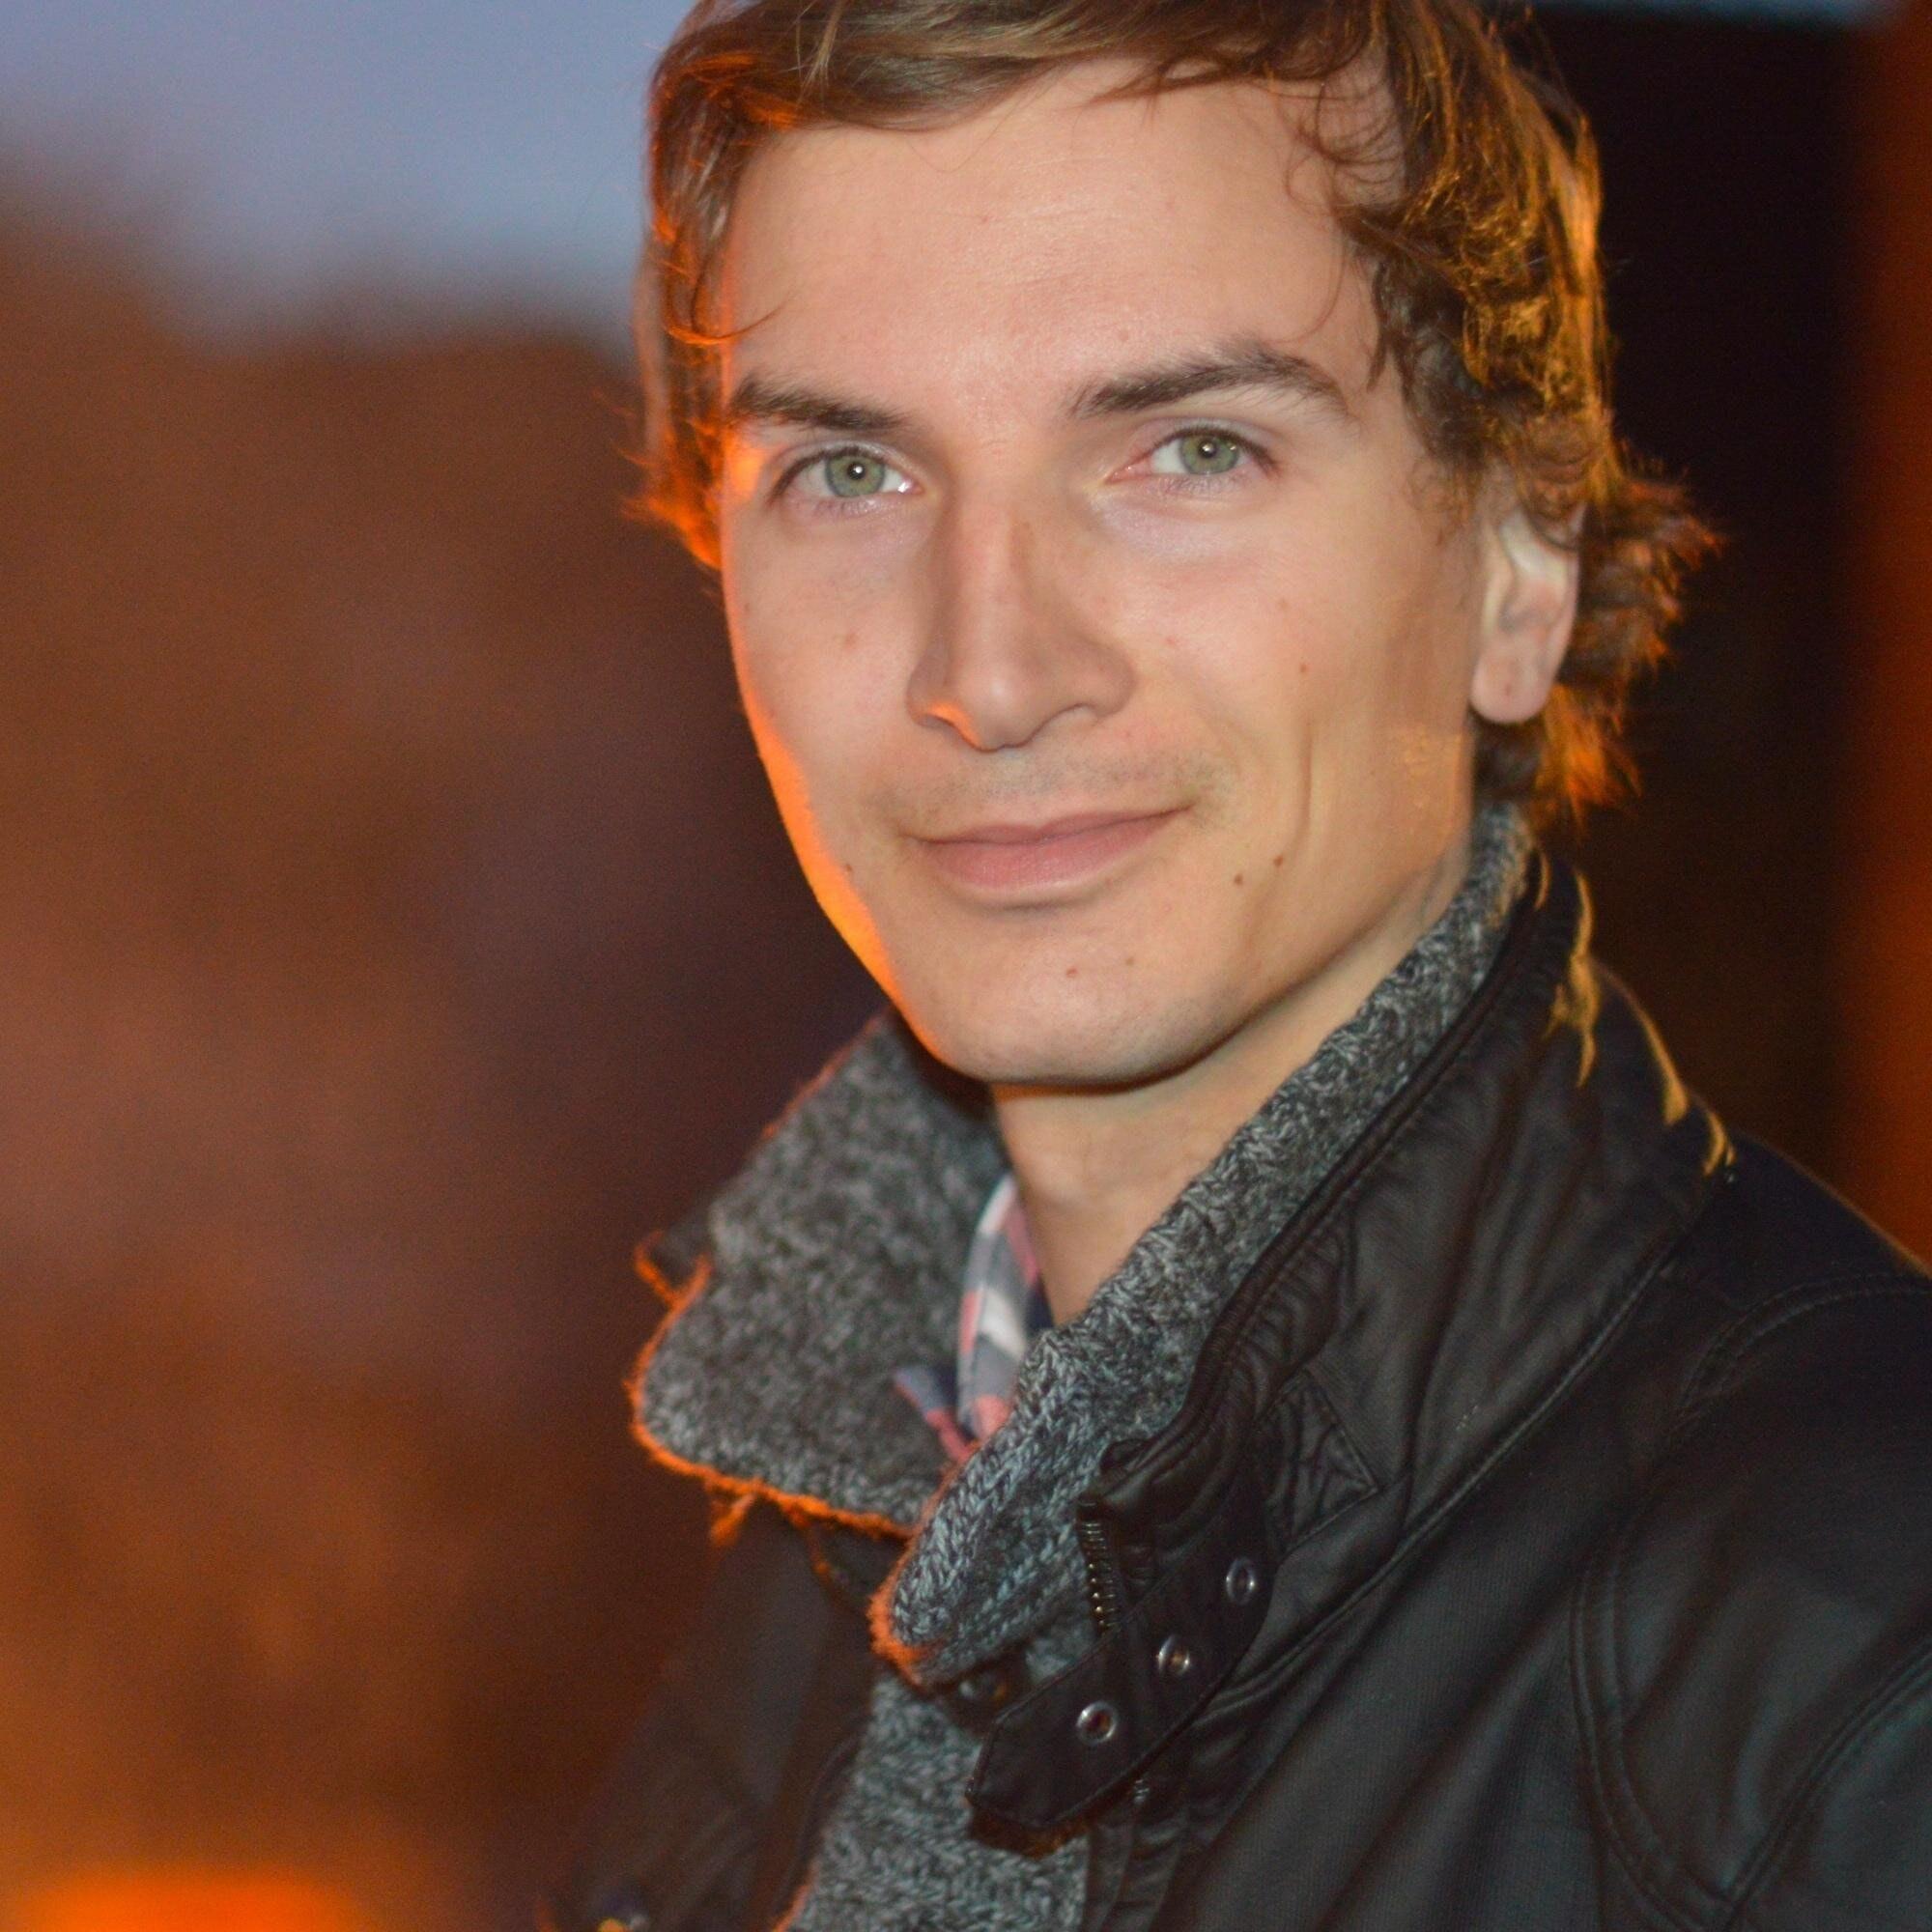 Vincent De Snerck